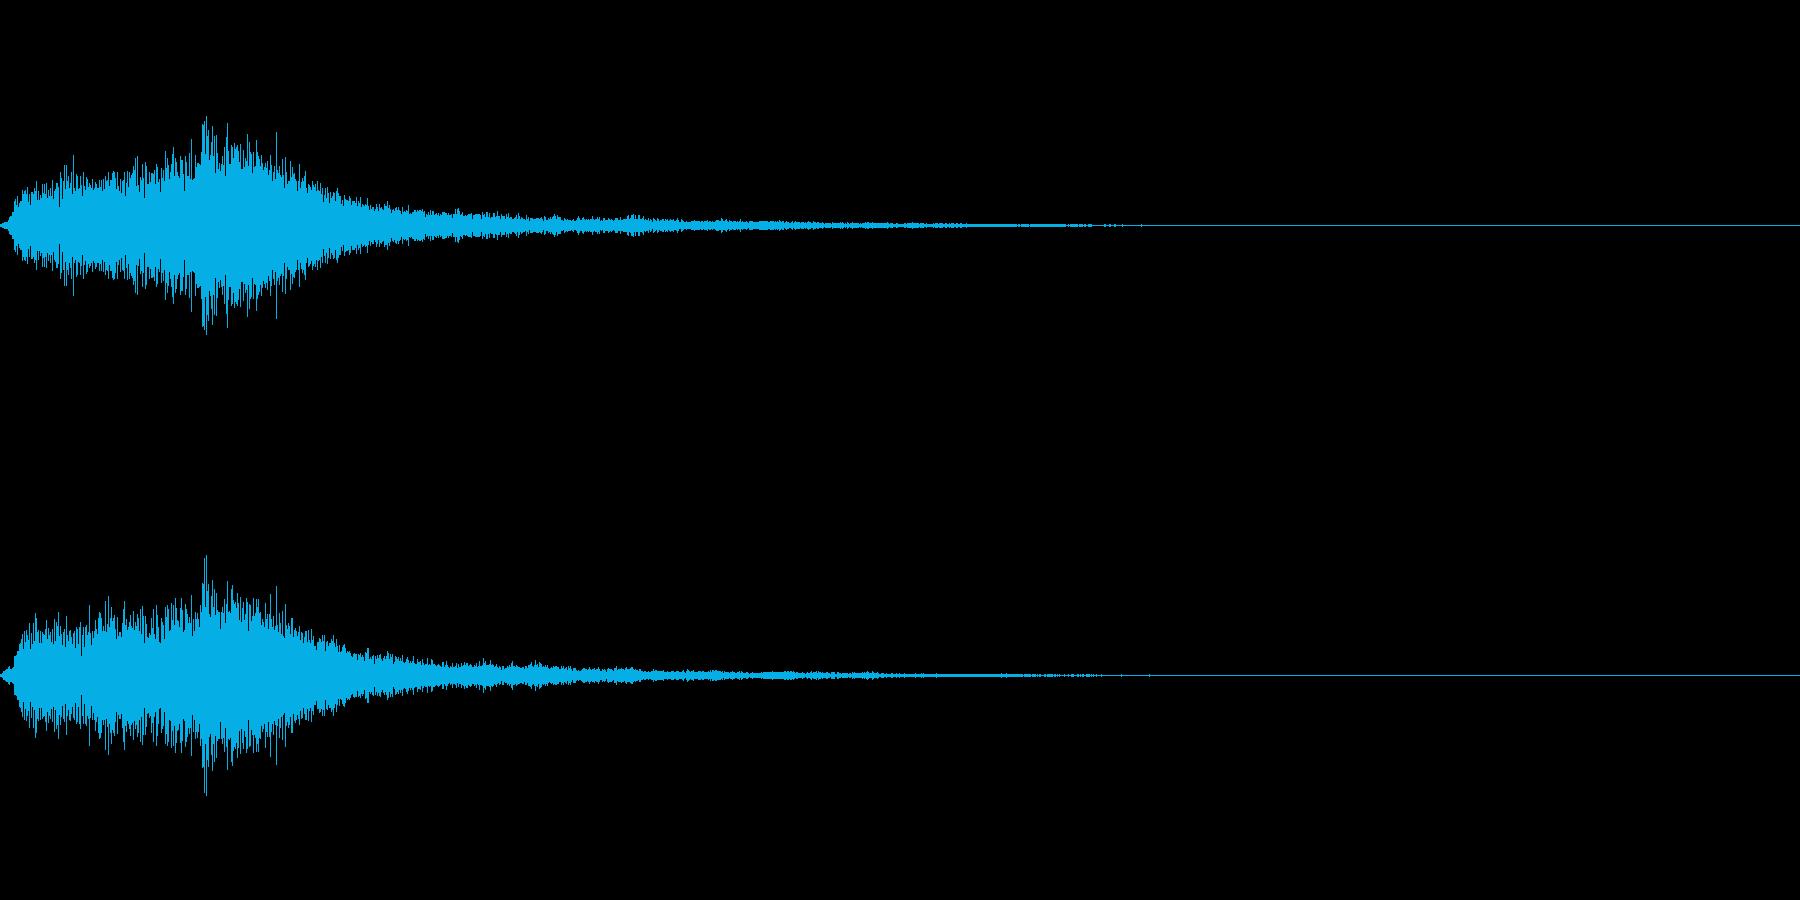 [ピシュイーン]パラメータUP(爽やか)の再生済みの波形